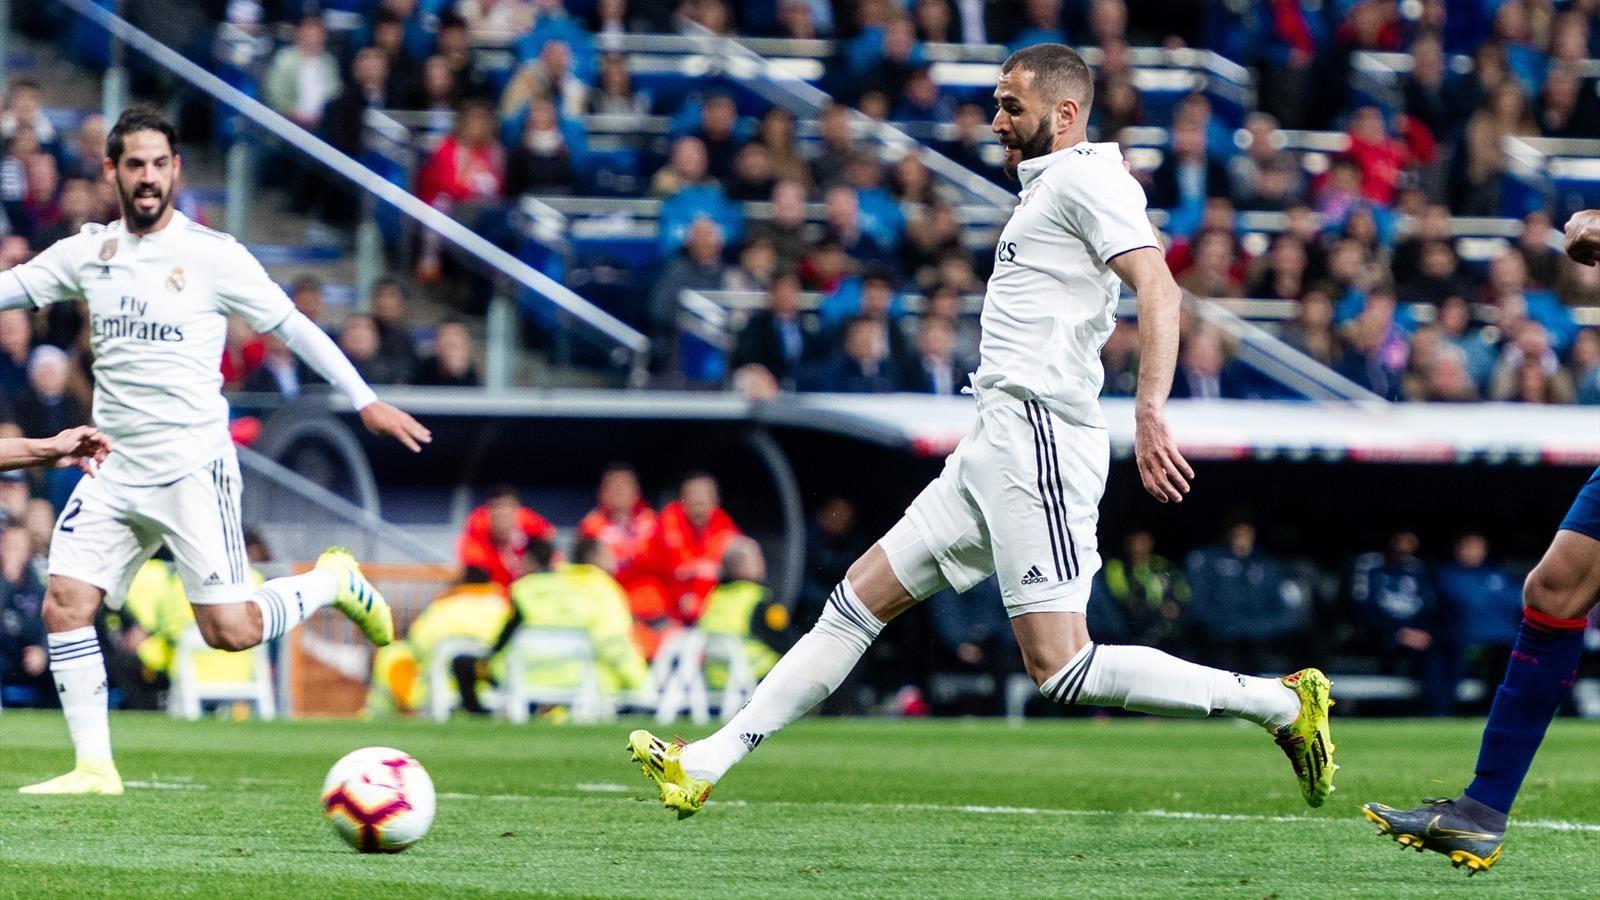 прогноз на 06.02.2021. «Уэска» - «Реал» Мадрид